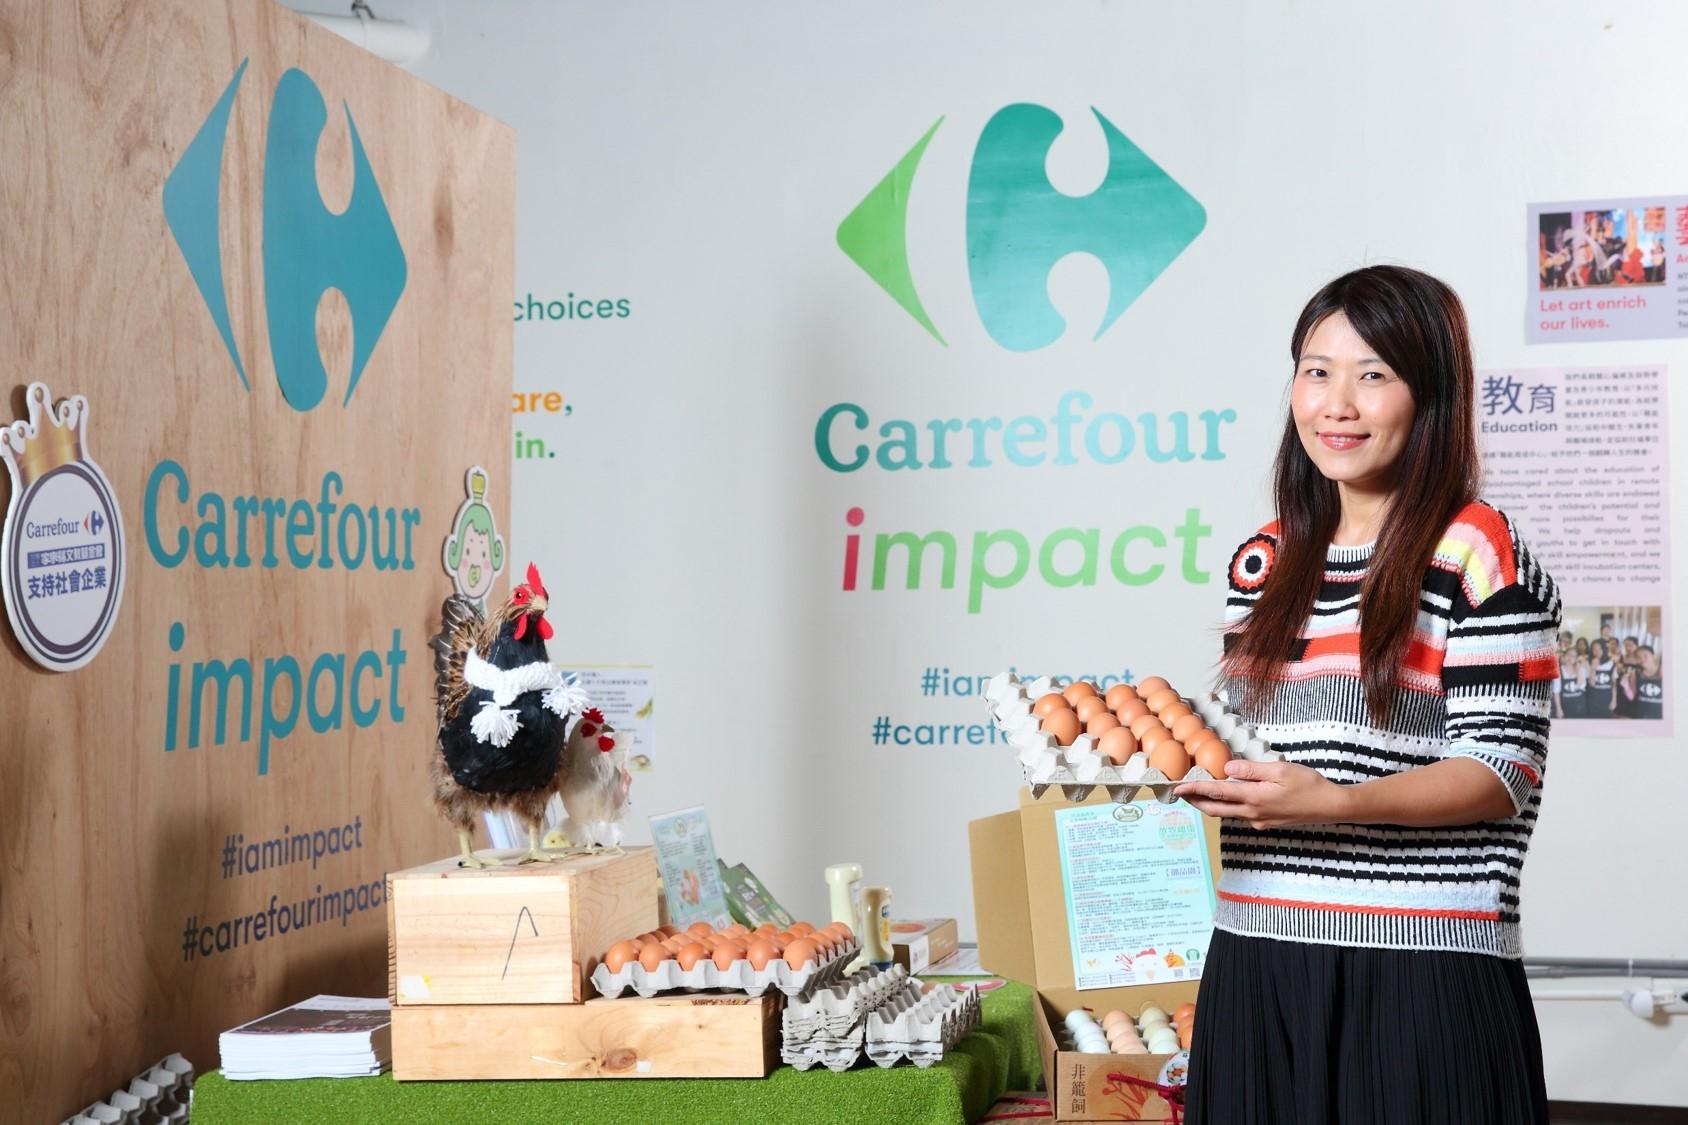 家樂福文教基金會執行長蘇小真與家樂福大力推動的動物福利非籠飼雞蛋,可自備容器購買。